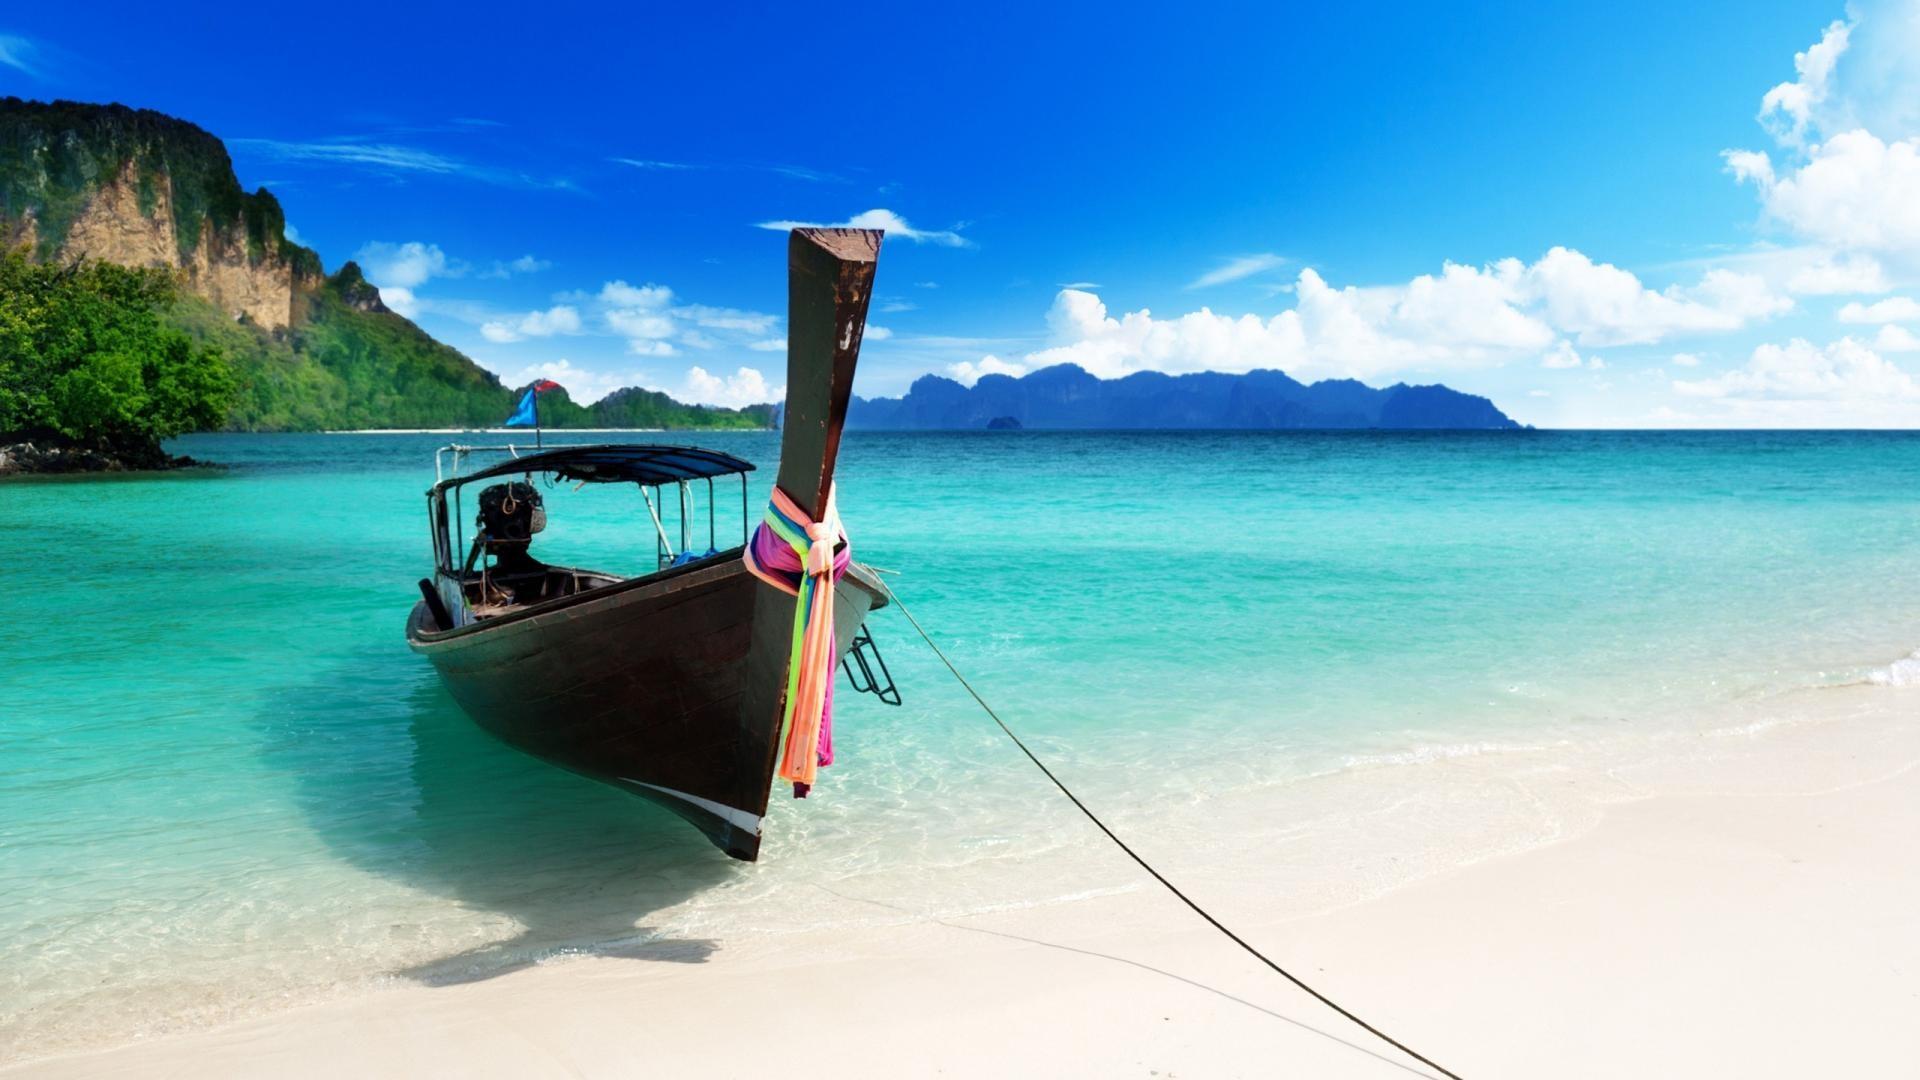 Beach Boat Hd Wallpaper